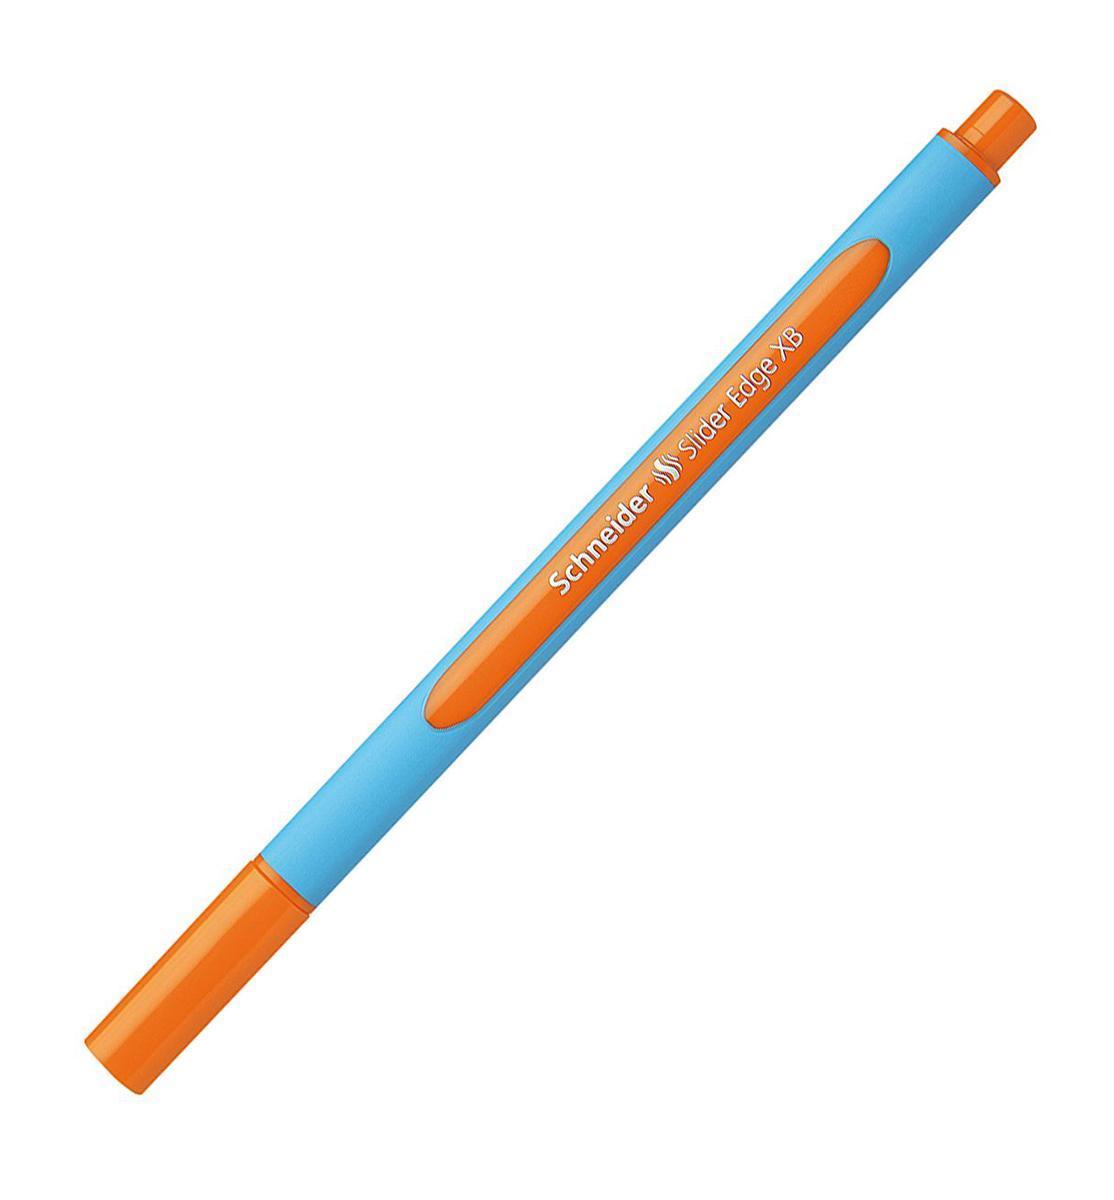 Ручка шариковая Slider Edge, XB - 1,0 мм, оранжевый цвет чернил.S152206 S1522-01/6